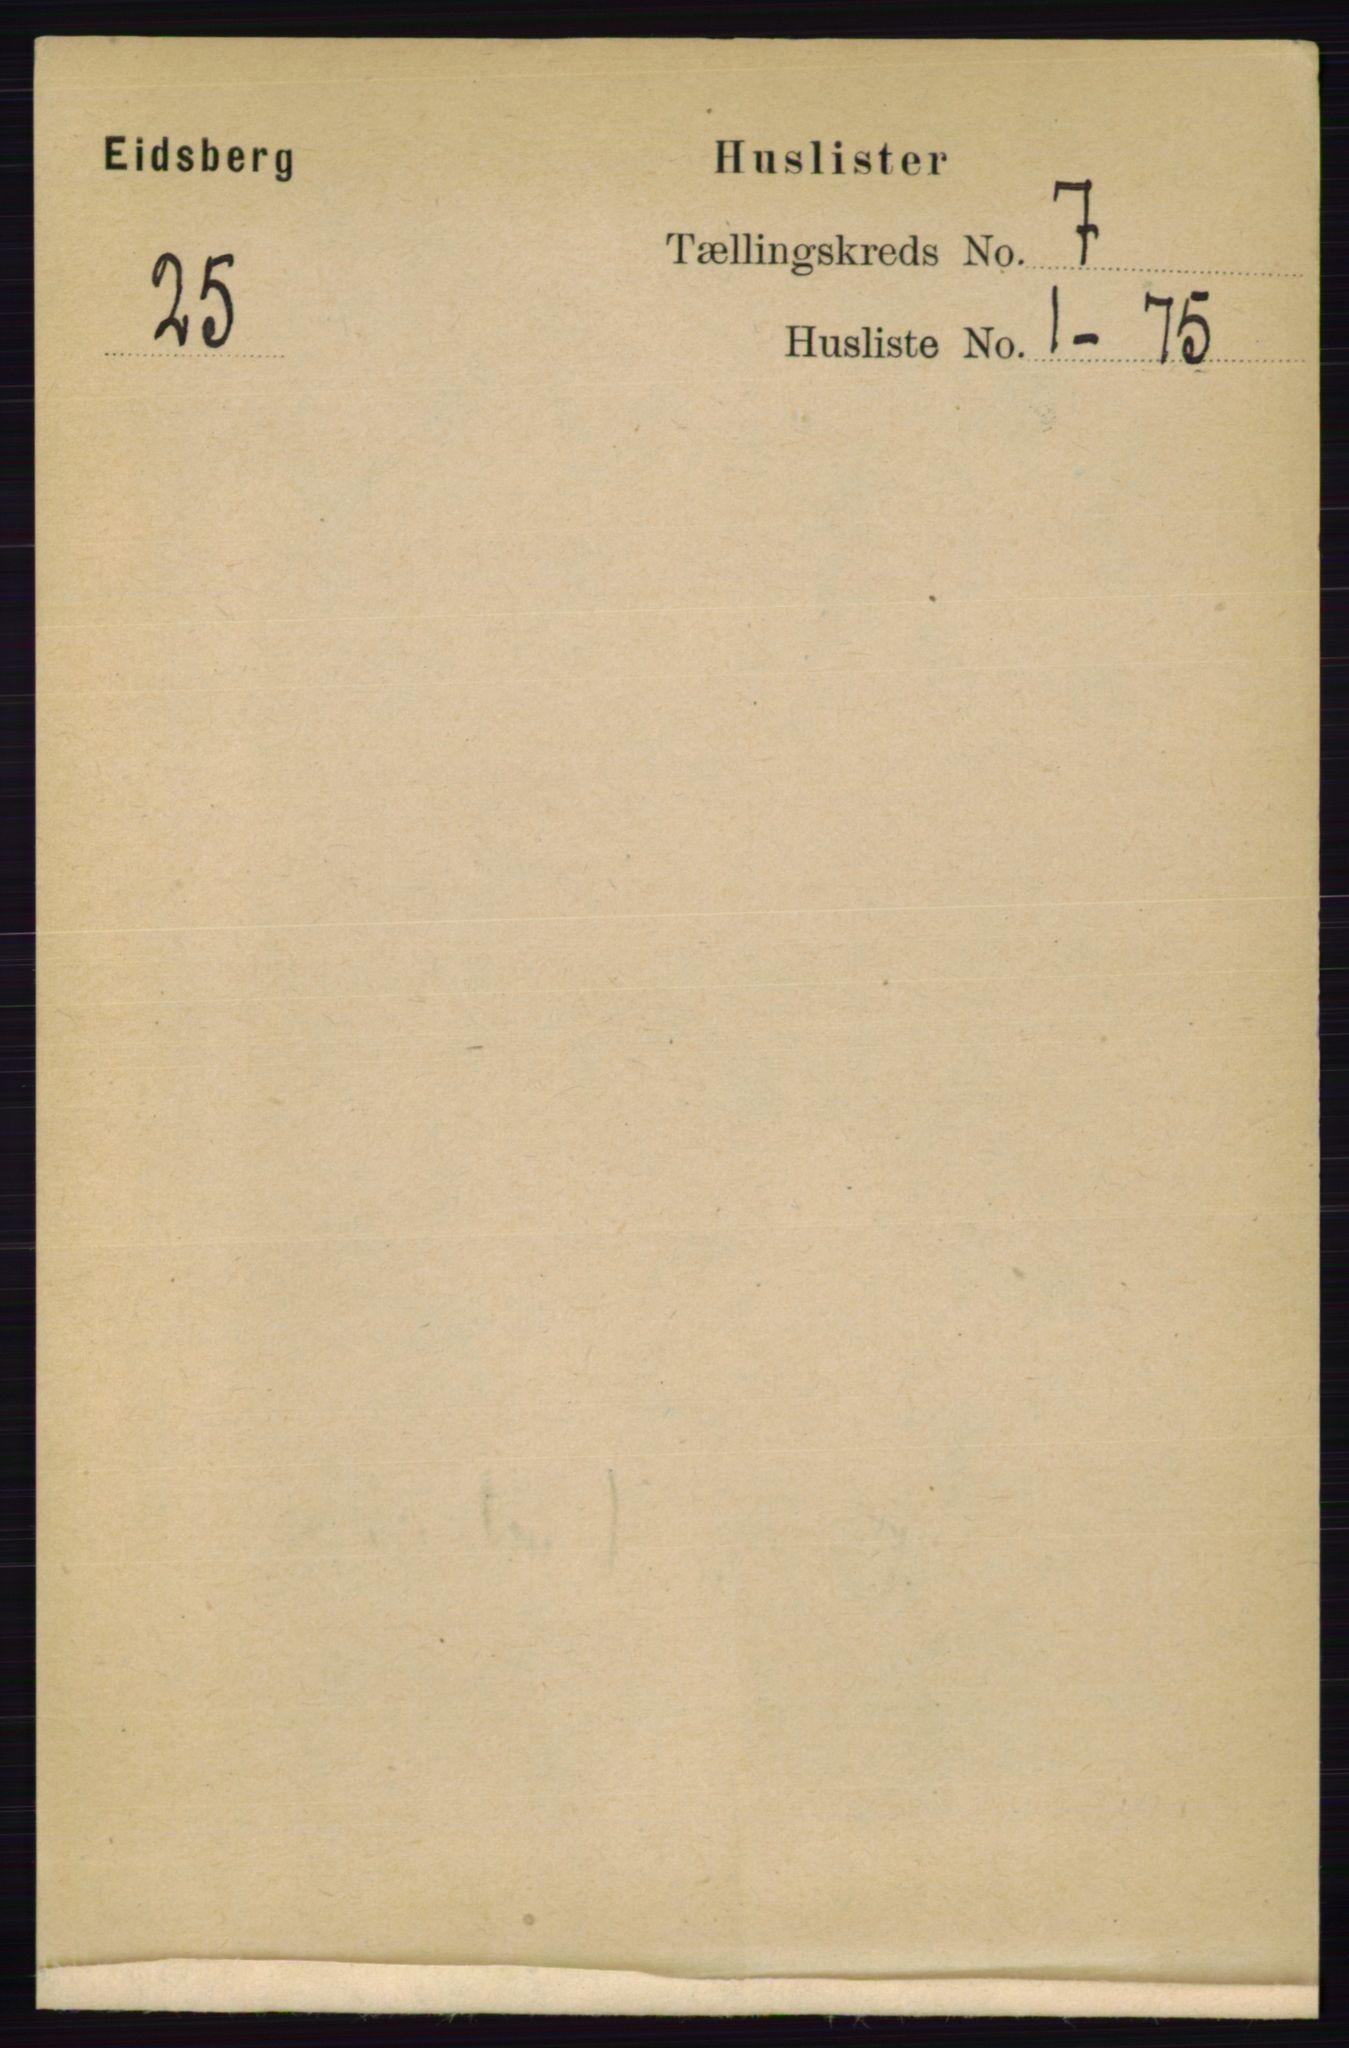 RA, Folketelling 1891 for 0125 Eidsberg herred, 1891, s. 4004